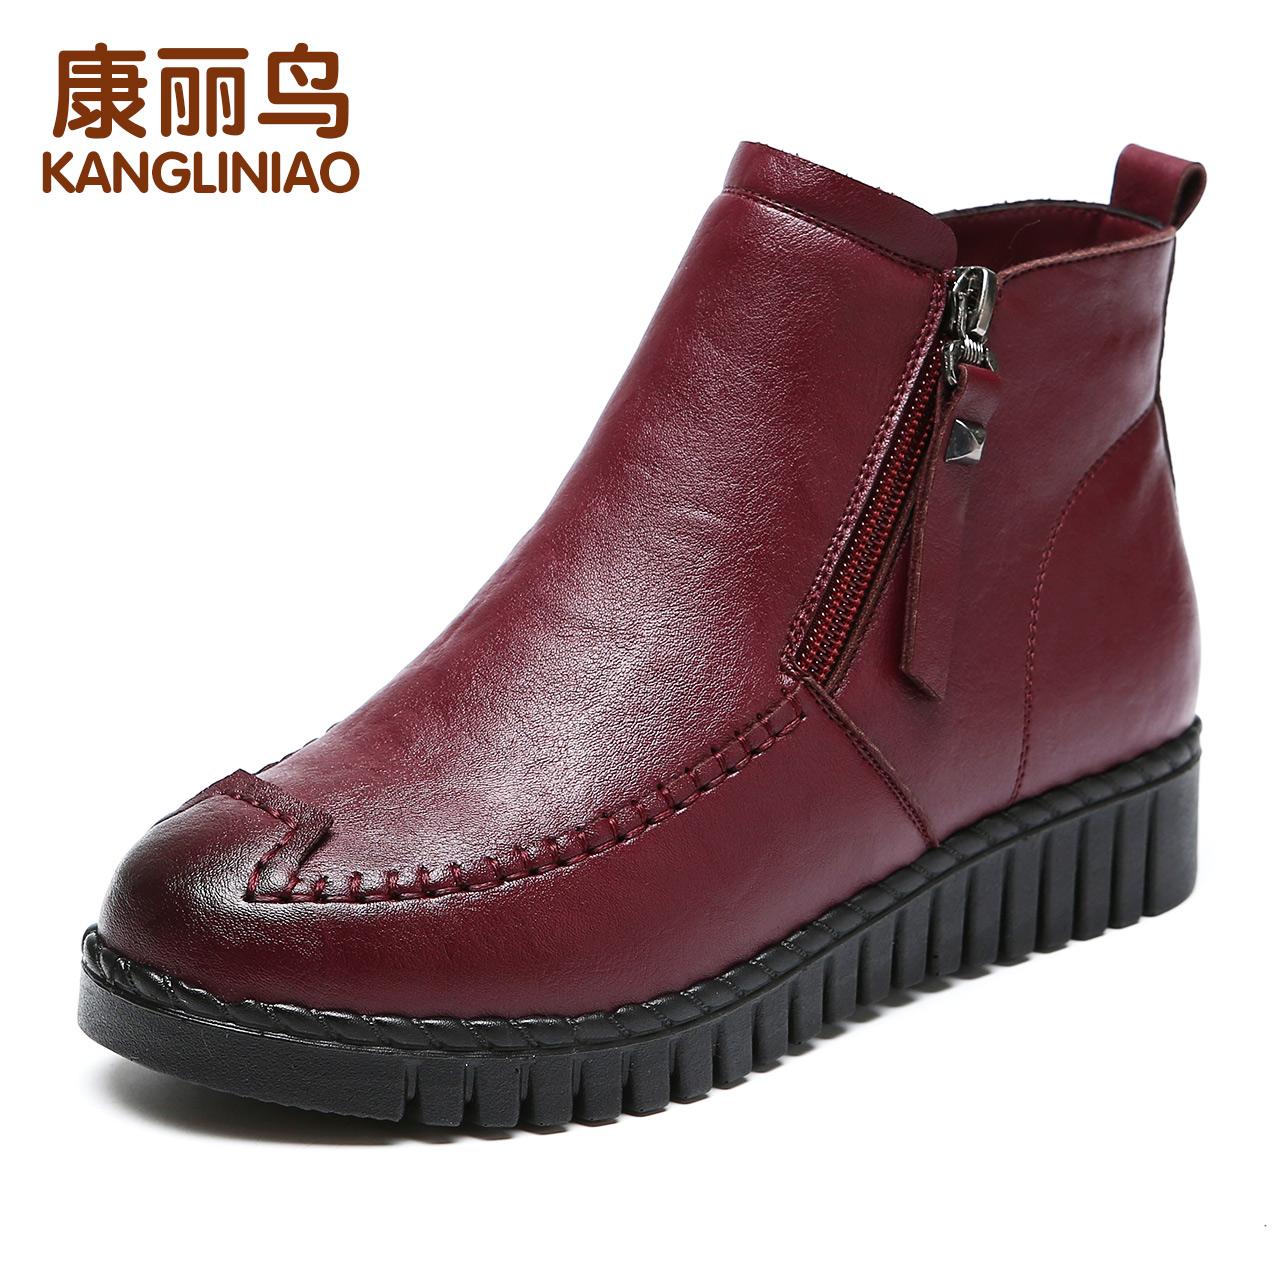 冬季妈妈鞋棉鞋短靴保暖加绒平底软底防滑舒适中老年人皮鞋女鞋子